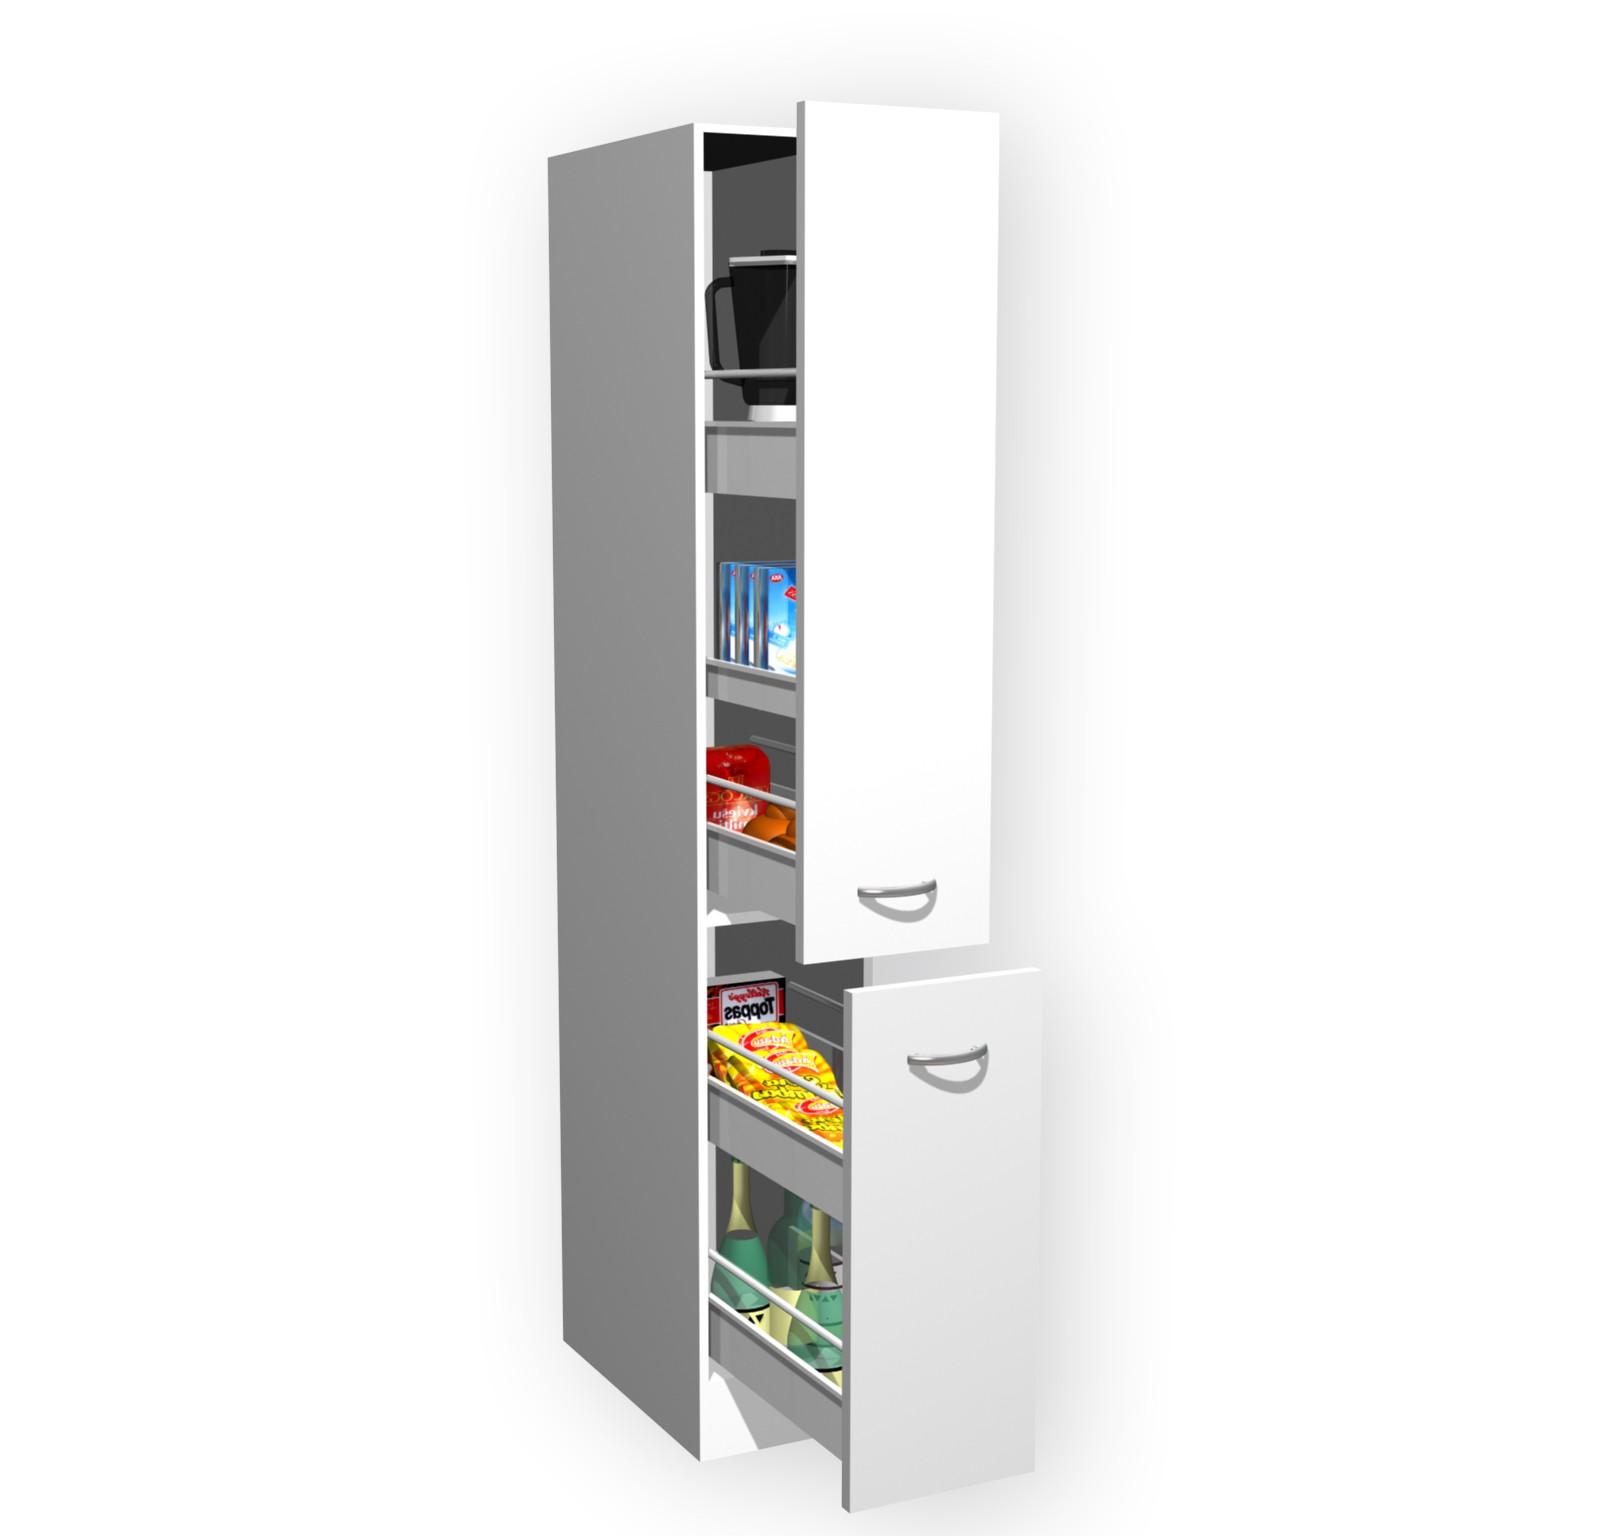 Apothekerschrank küche  Küchen-Apothekerschrank UNNA - 2 Front-Auszüge, 5 Körbe - Weiß Küche